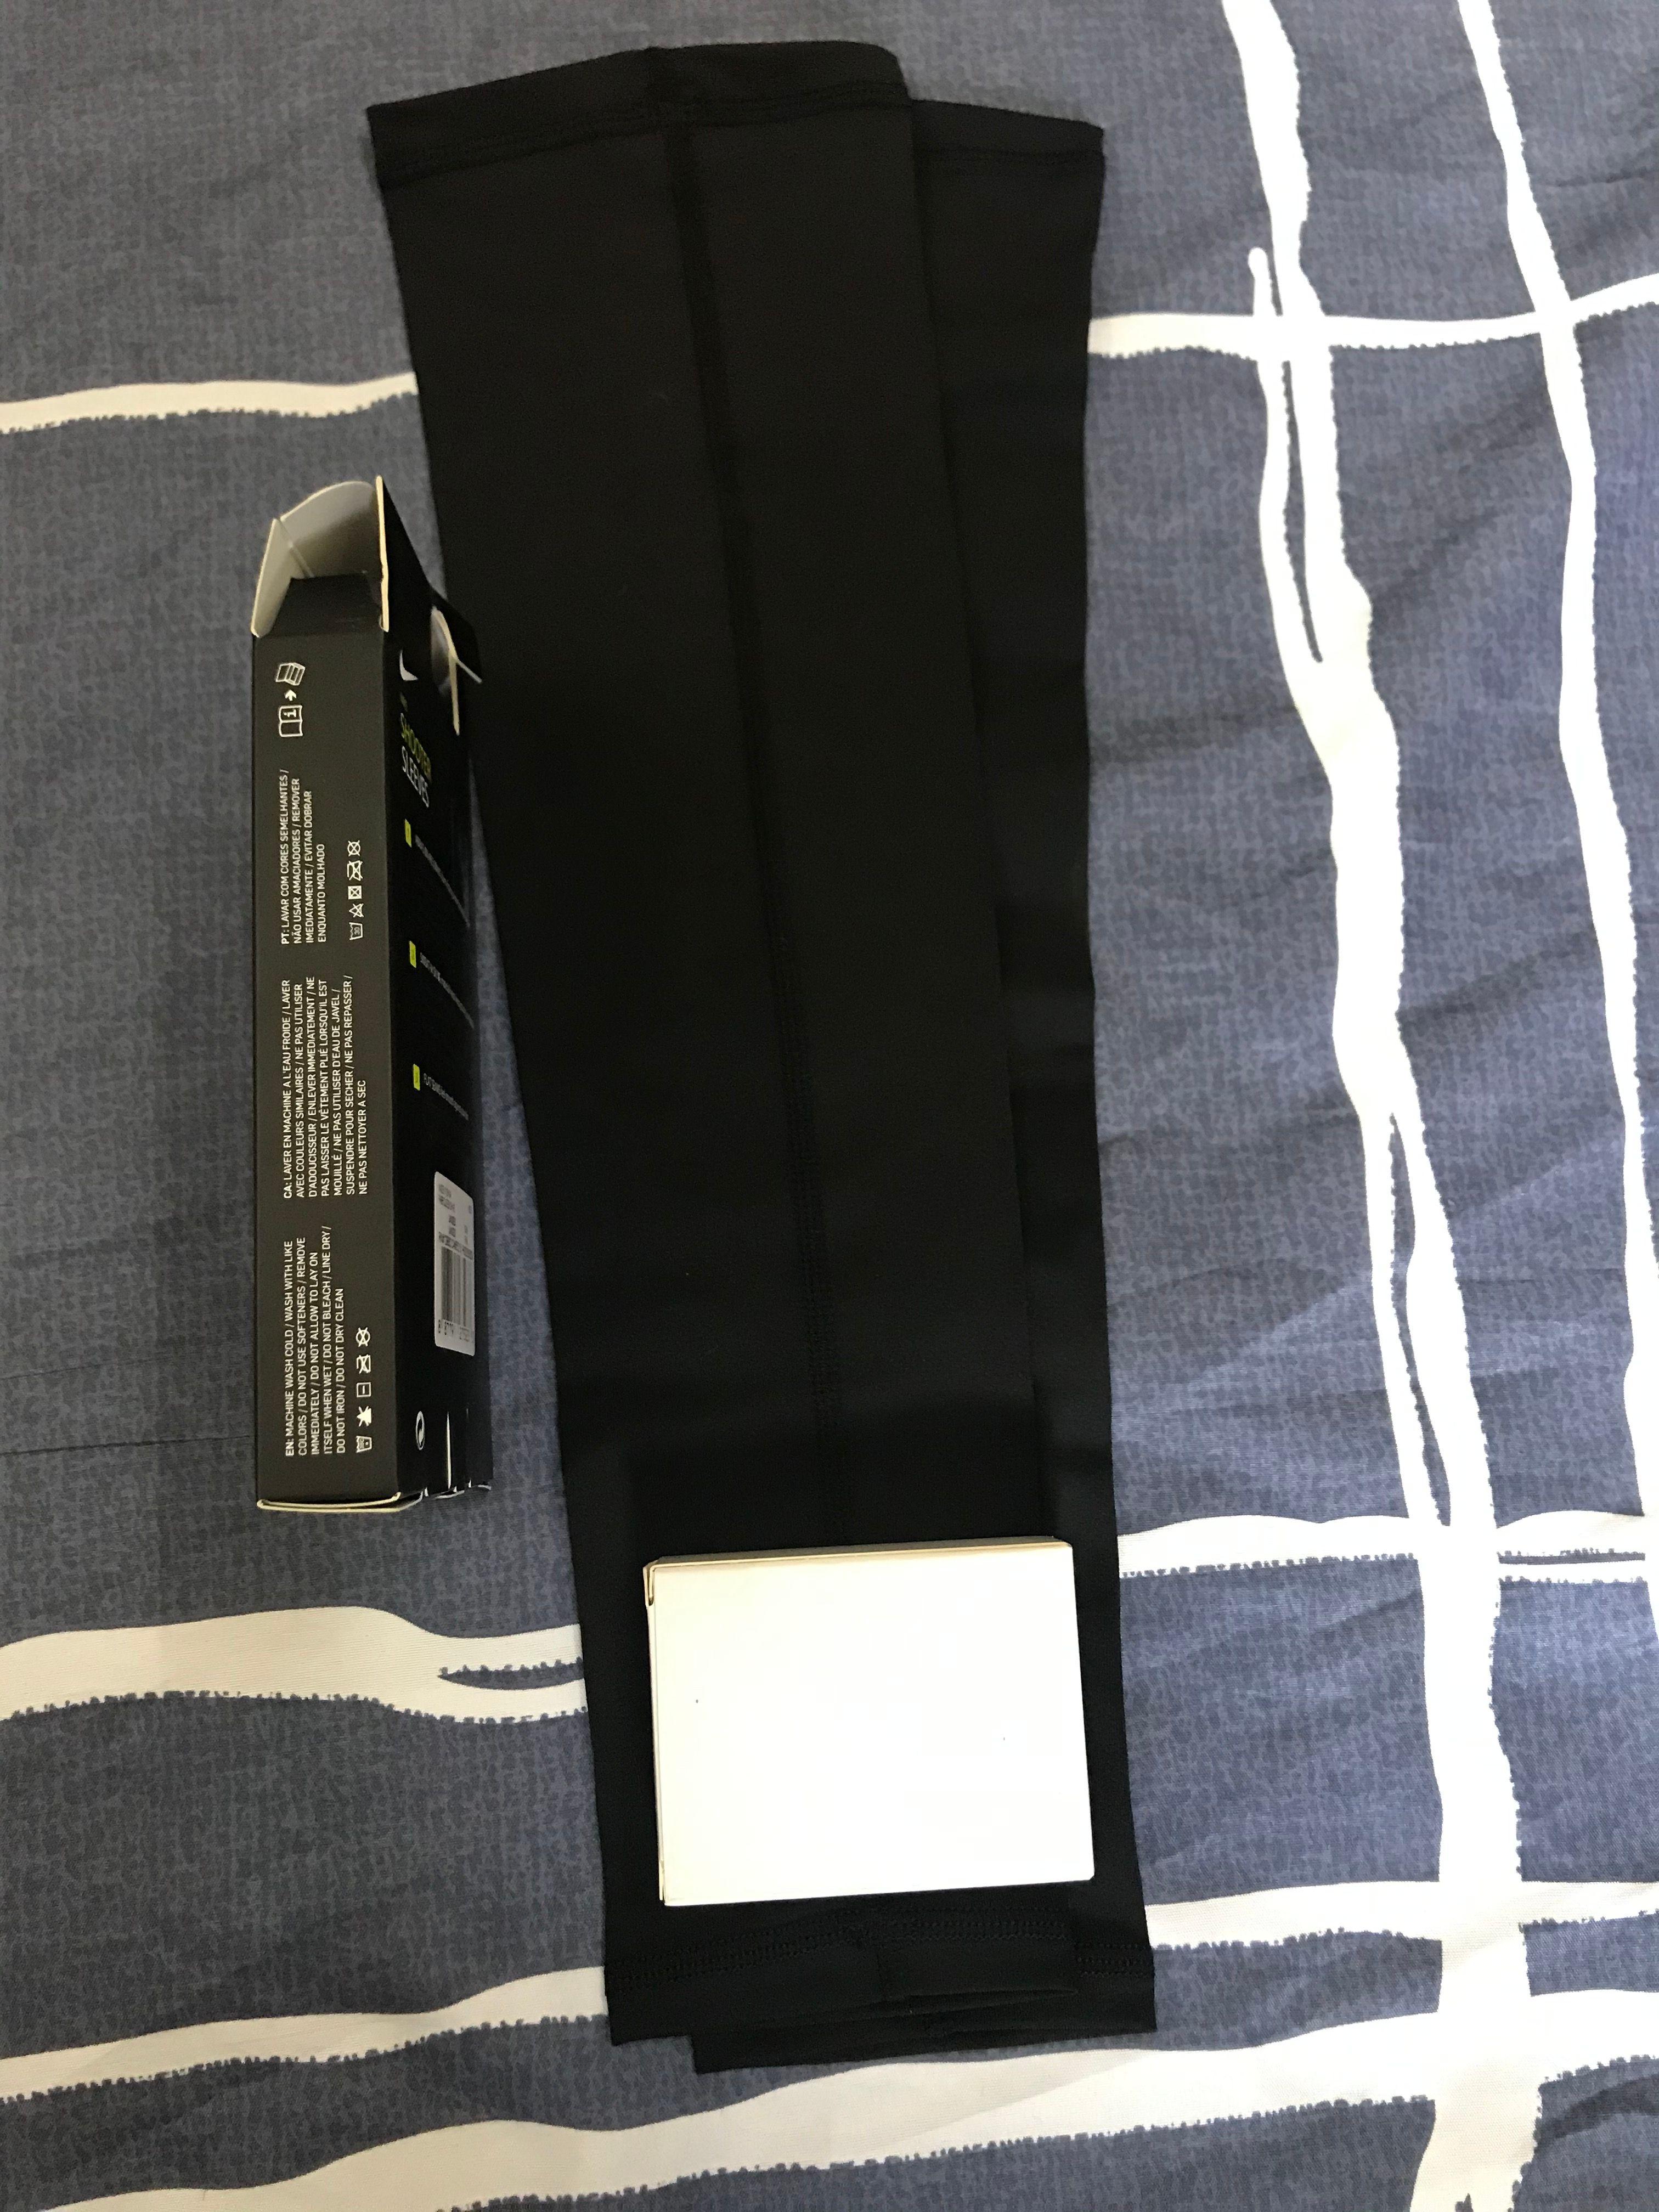 Isıtıcı Silah Kol Yaz Güneş Açık Manşet Kapak Kol Kol Unisex Soğuk Soğutma 2 PCS Kol Kollu Buz Kumaş Güneş UV koruma